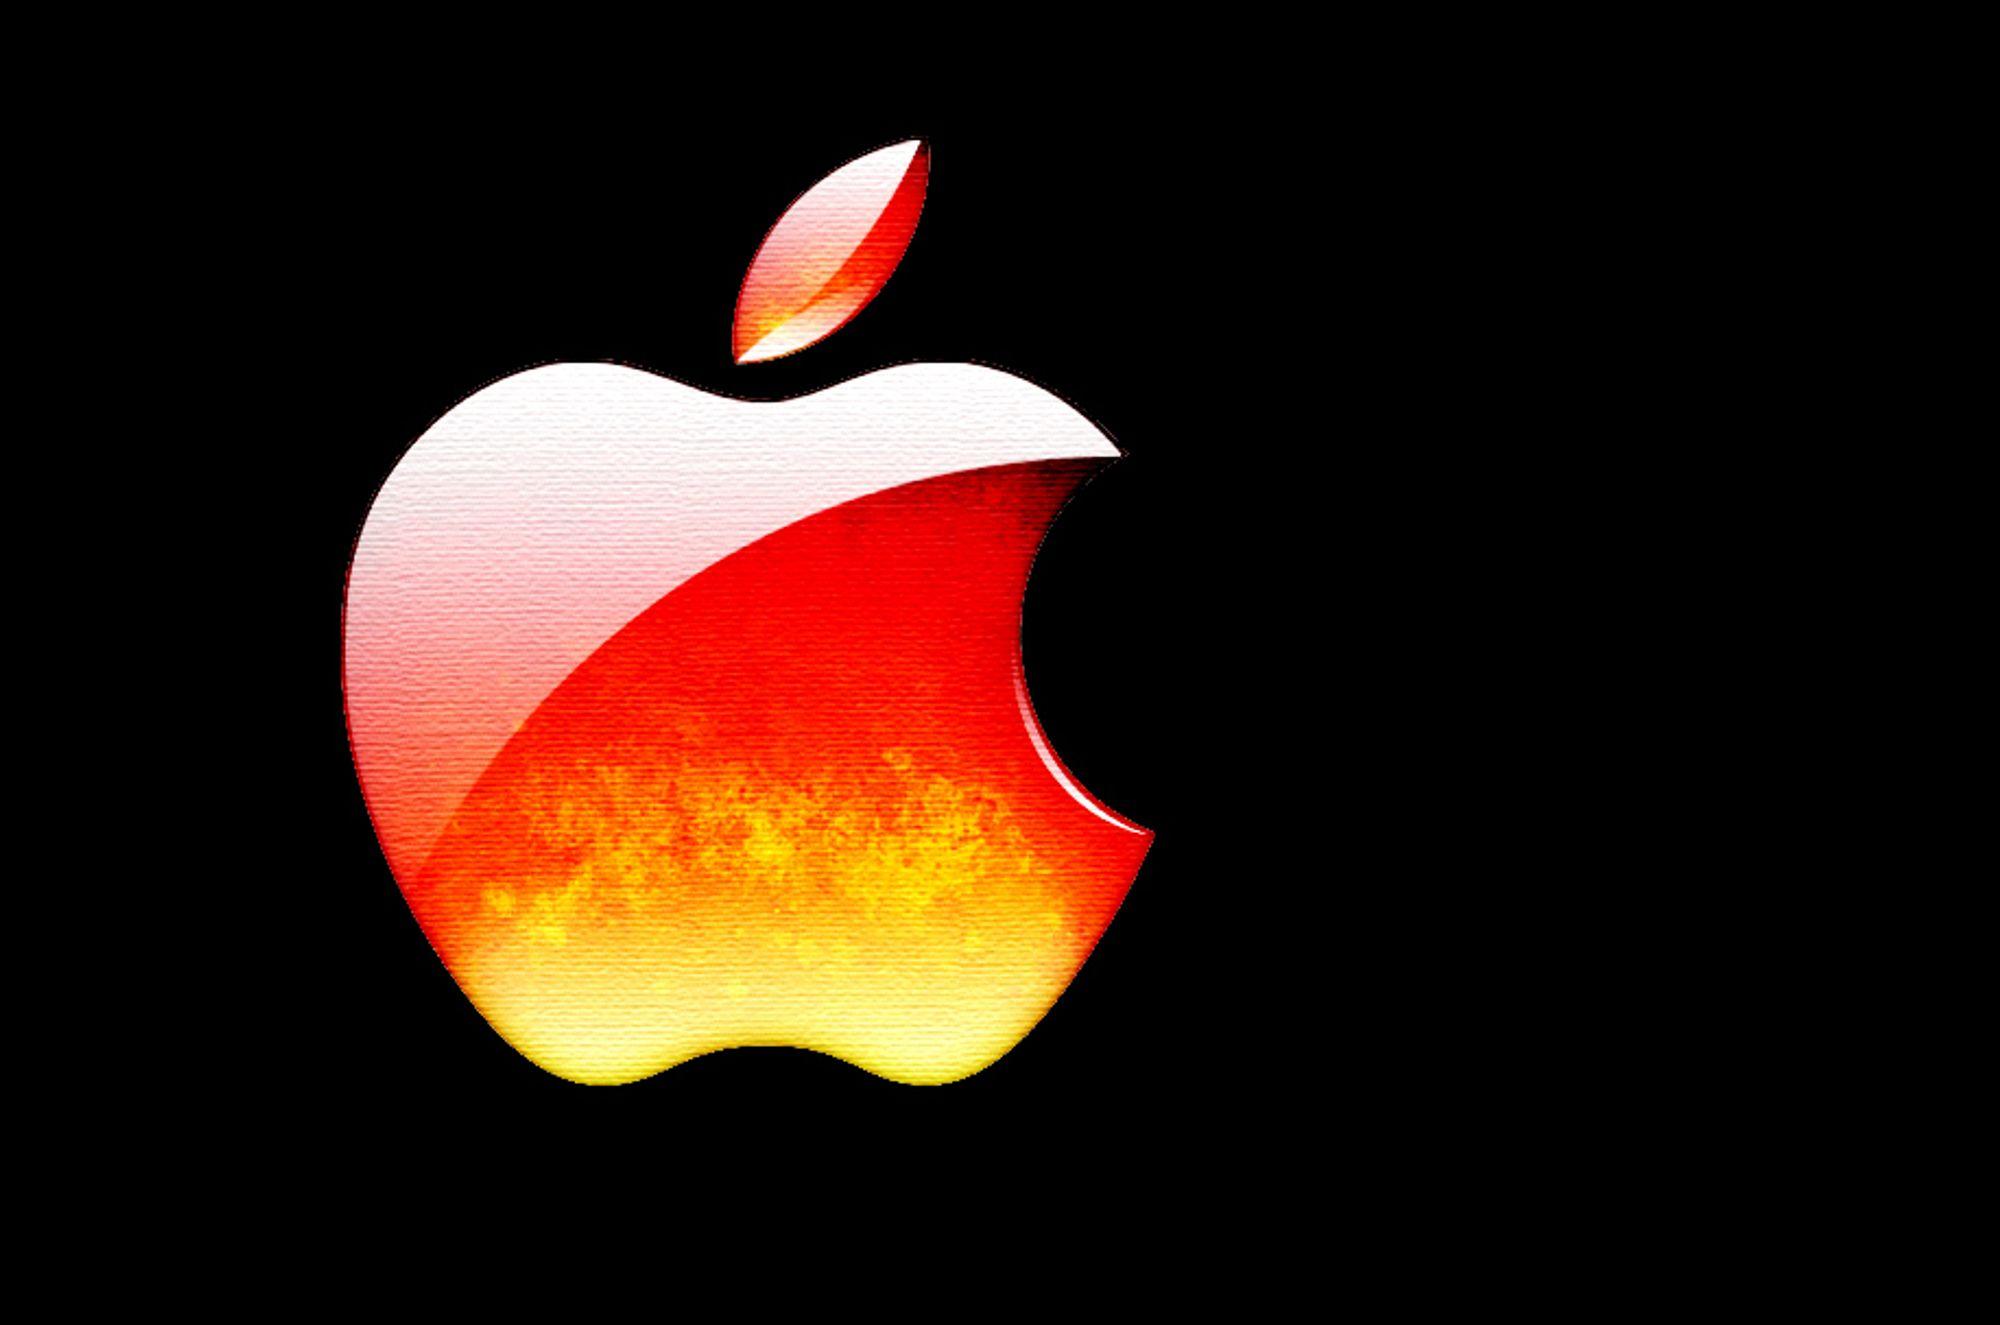 HETT: Apple brenner også, ikke bare Dell. Men feilen ser i begge tilfeller ut til å ligge hos samme underleverandør.